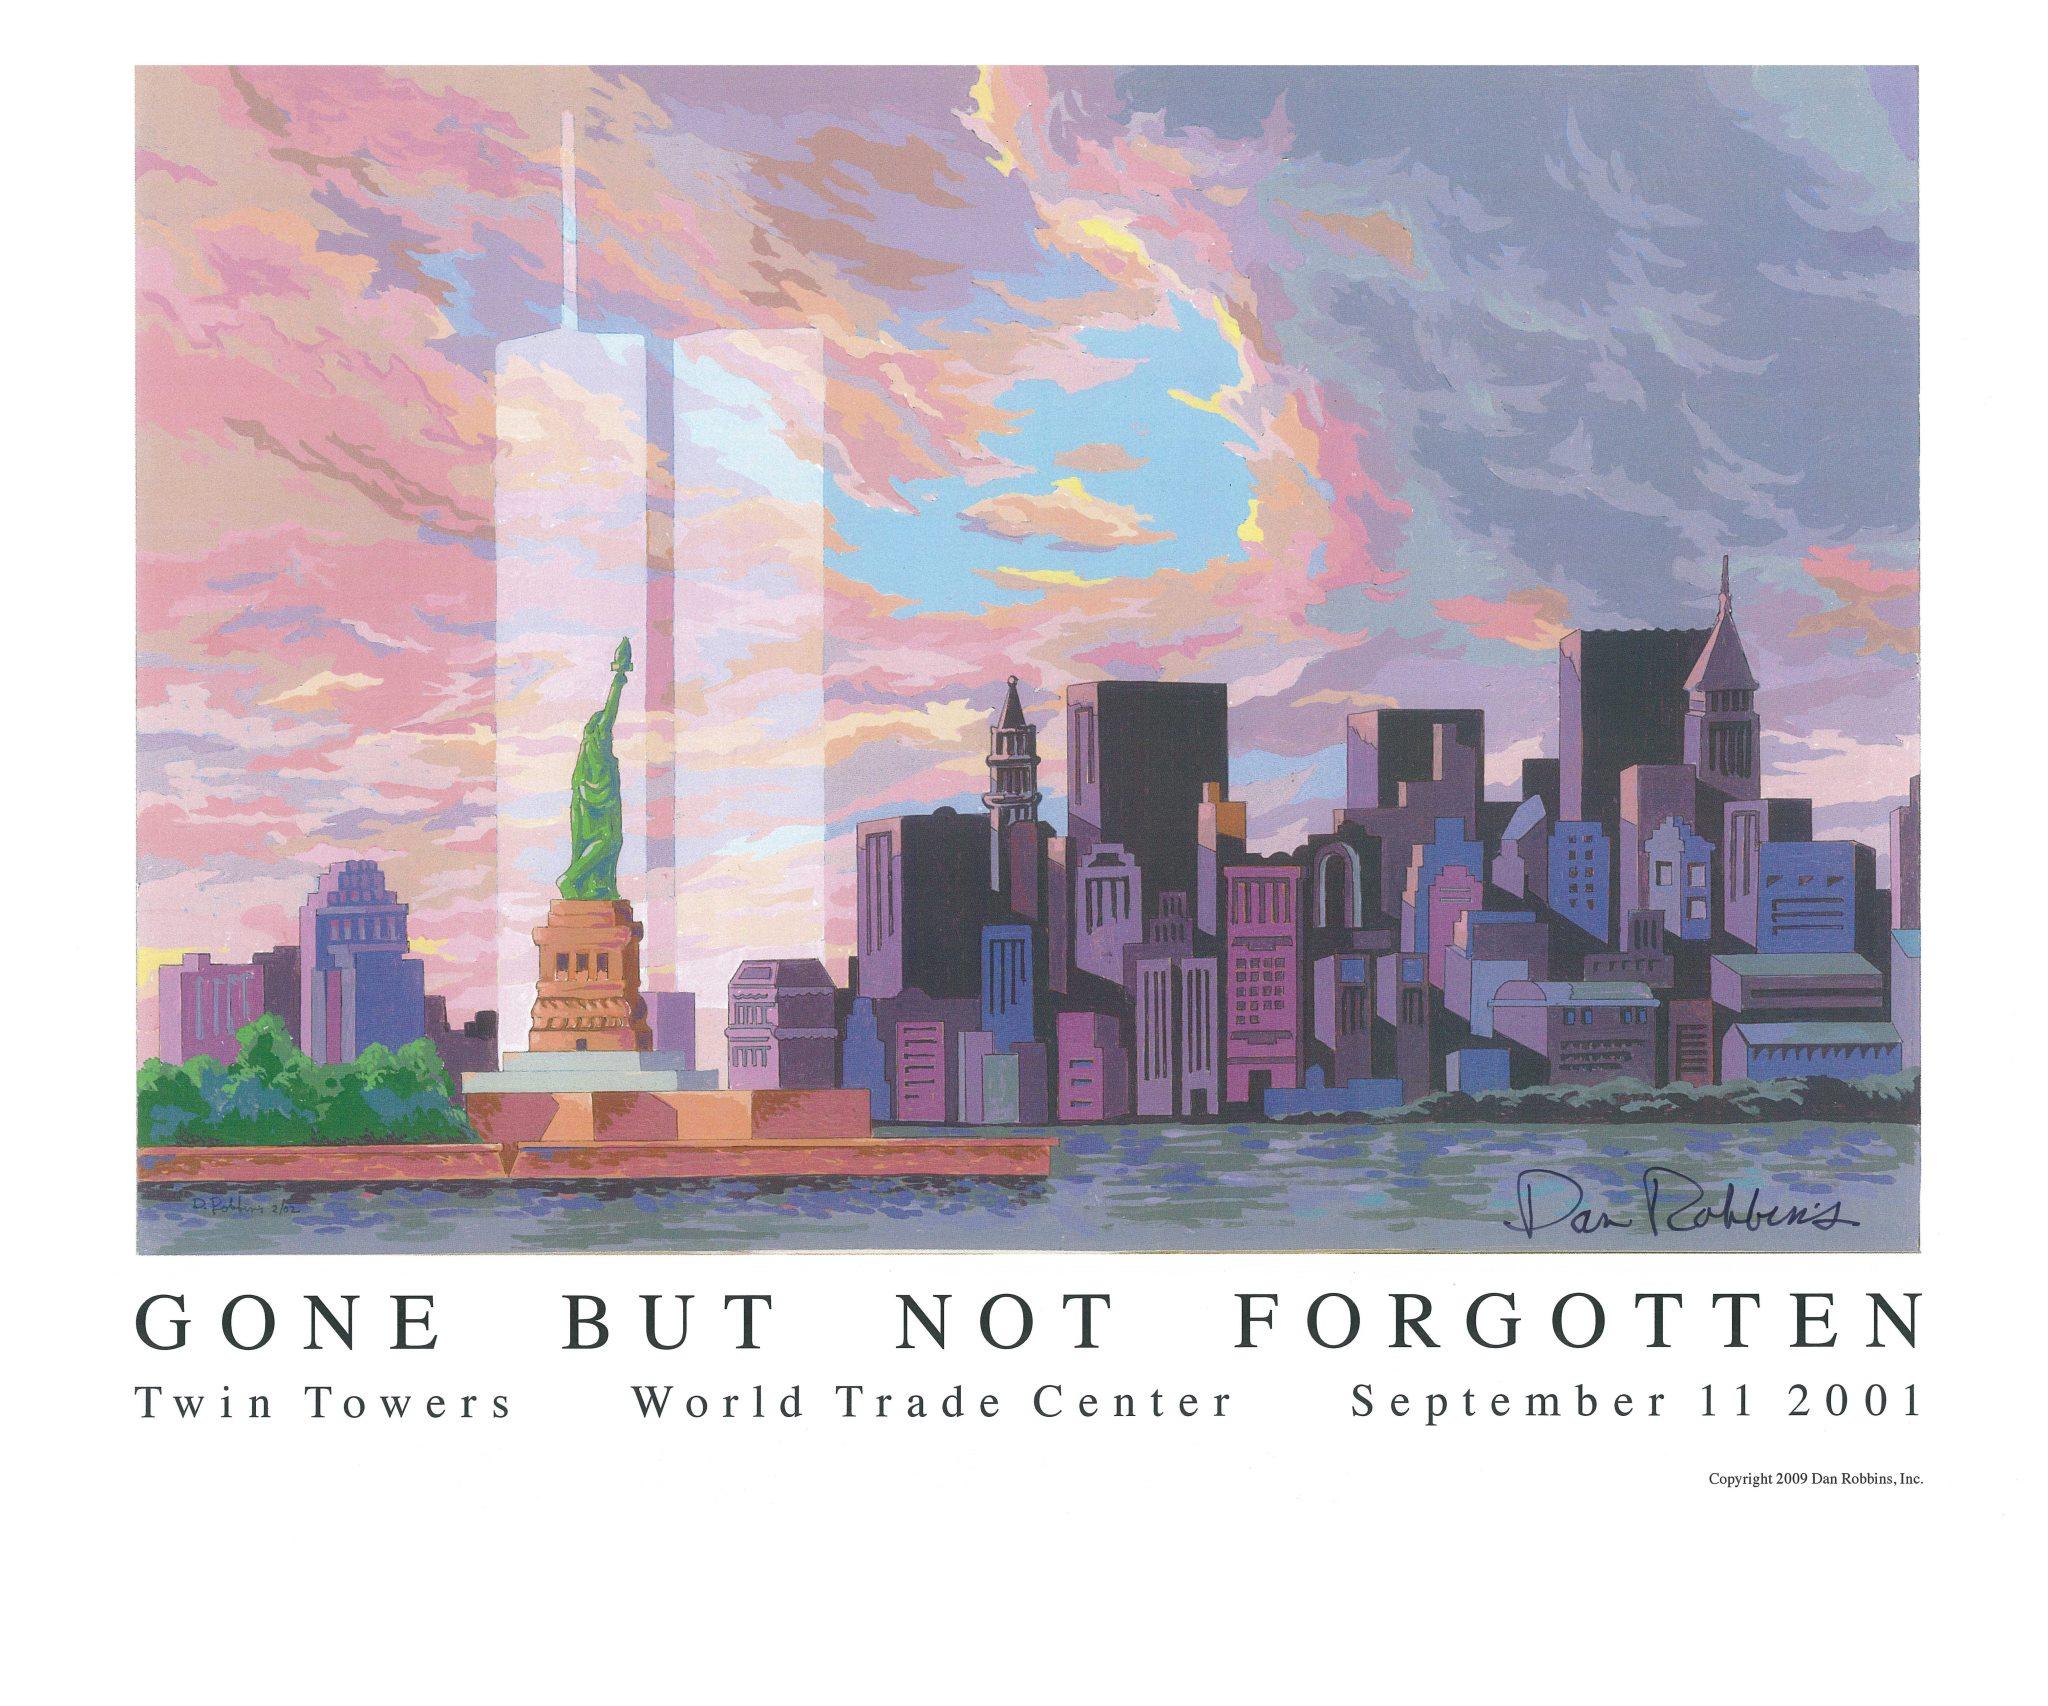 Gone but not forgotten, pintura del 11 de septiembre de Dan Robbins.